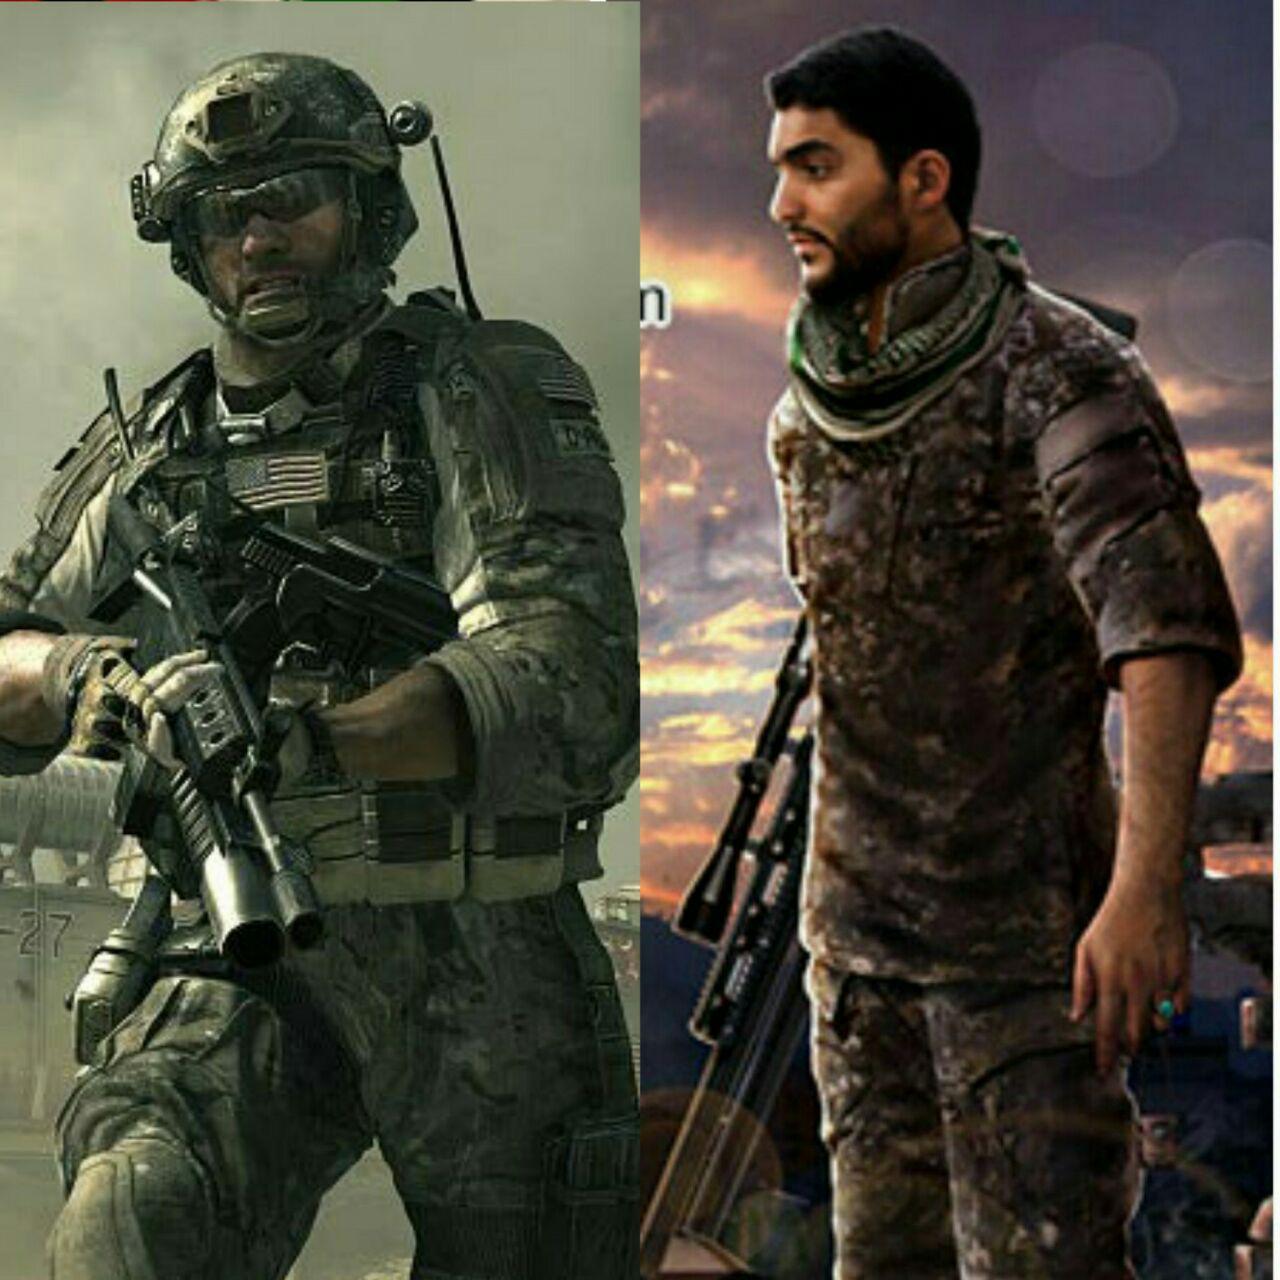 تفاوت سرباز آمریکایی و ایرانی؛ پنتاگون در حسرت کدام کلید واژه است؟